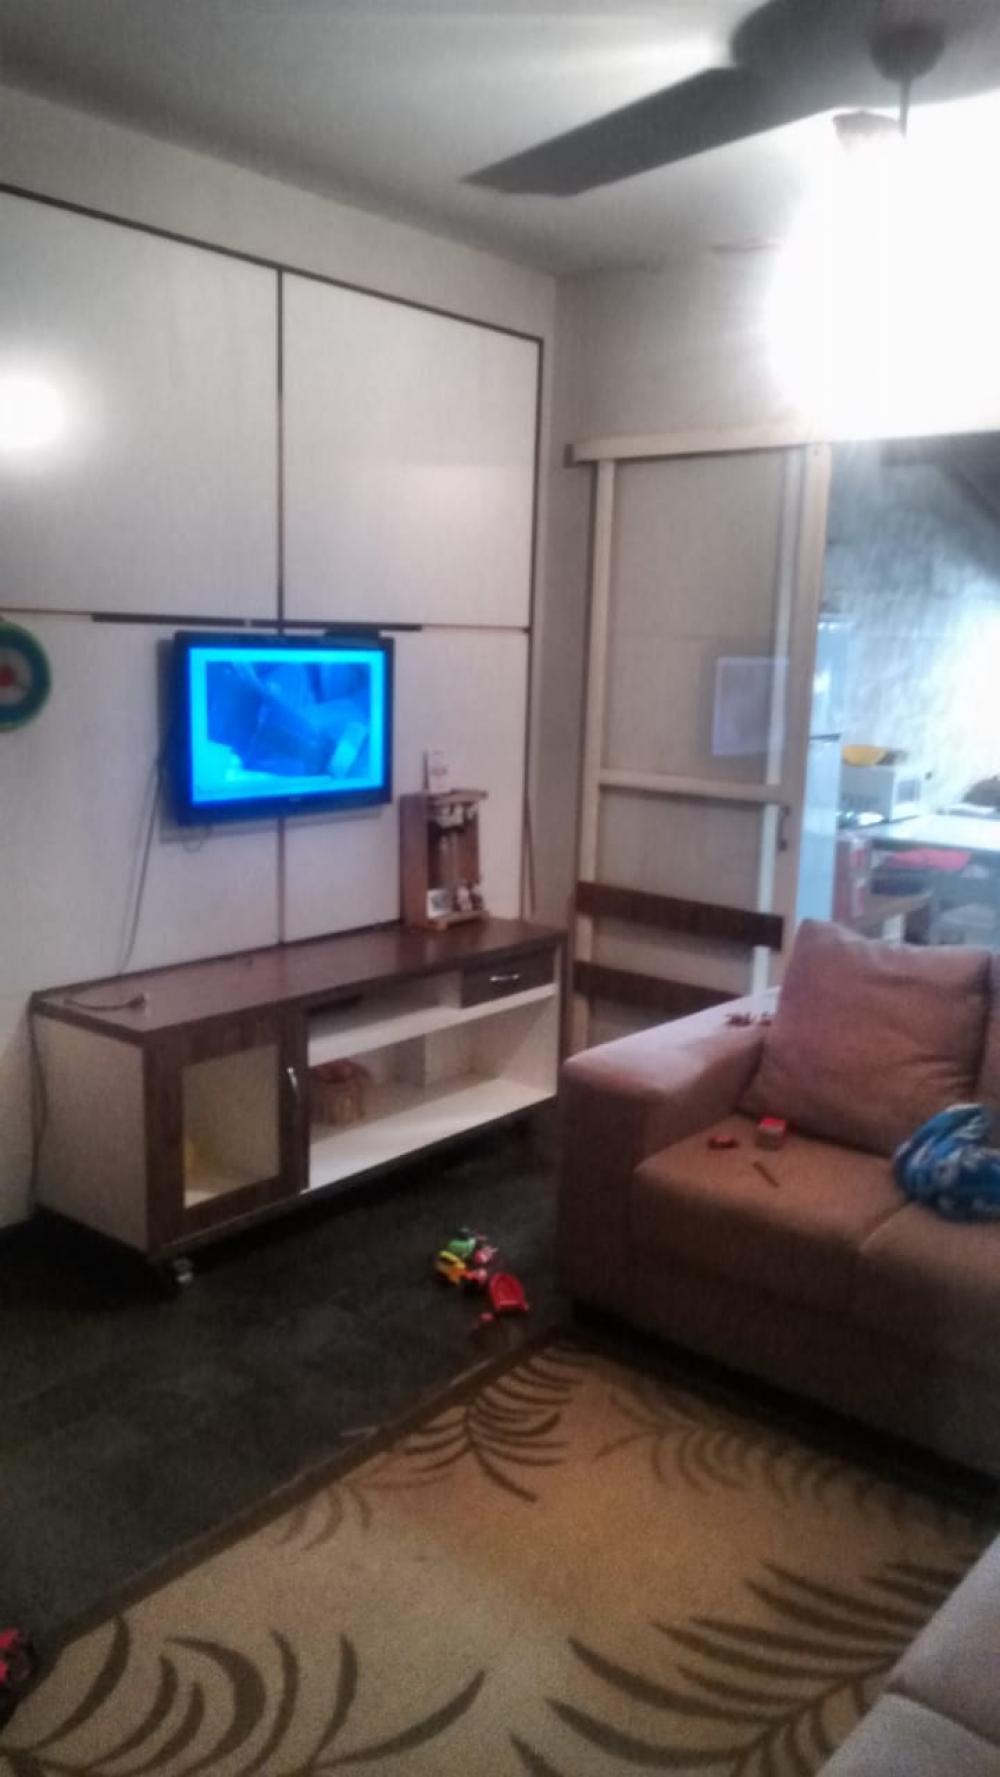 Comprar Casa / Condomínio em São José do Rio Preto R$ 165.000,00 - Foto 2